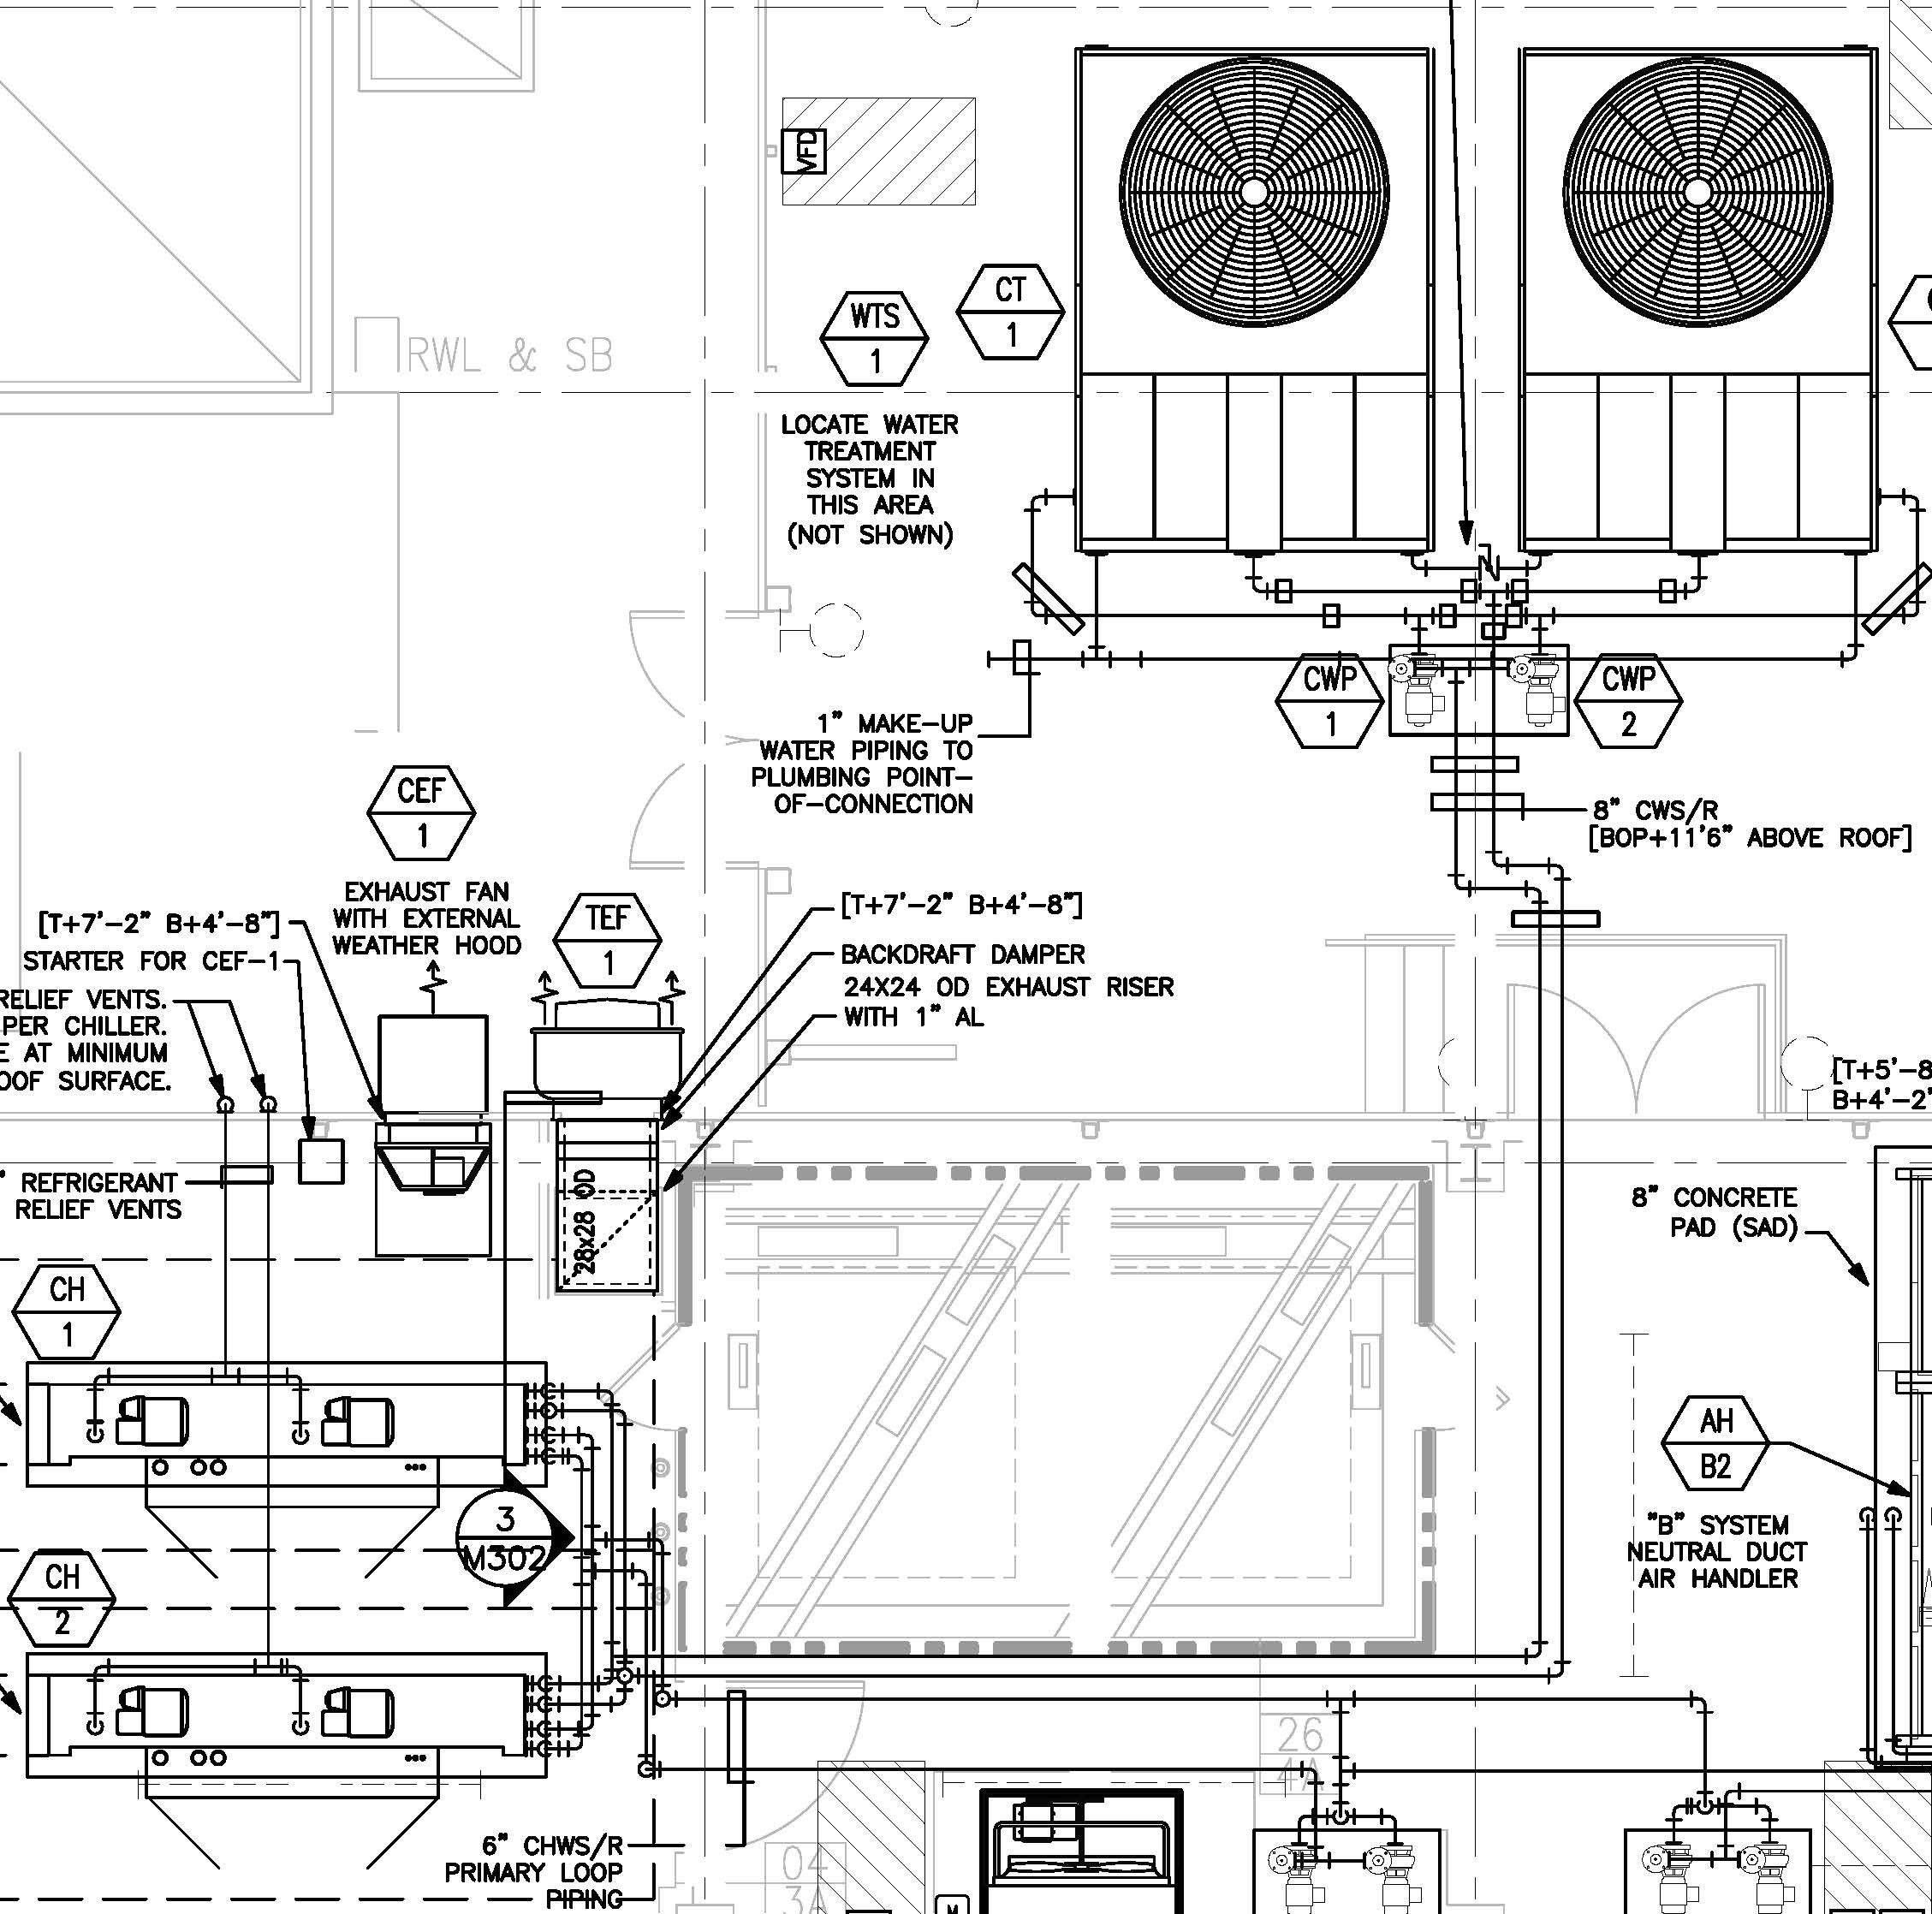 New Wiring Diagram Ruud Ac Unit Craftsman Garage Door Garage Door Opener Troubleshooting Garage Design